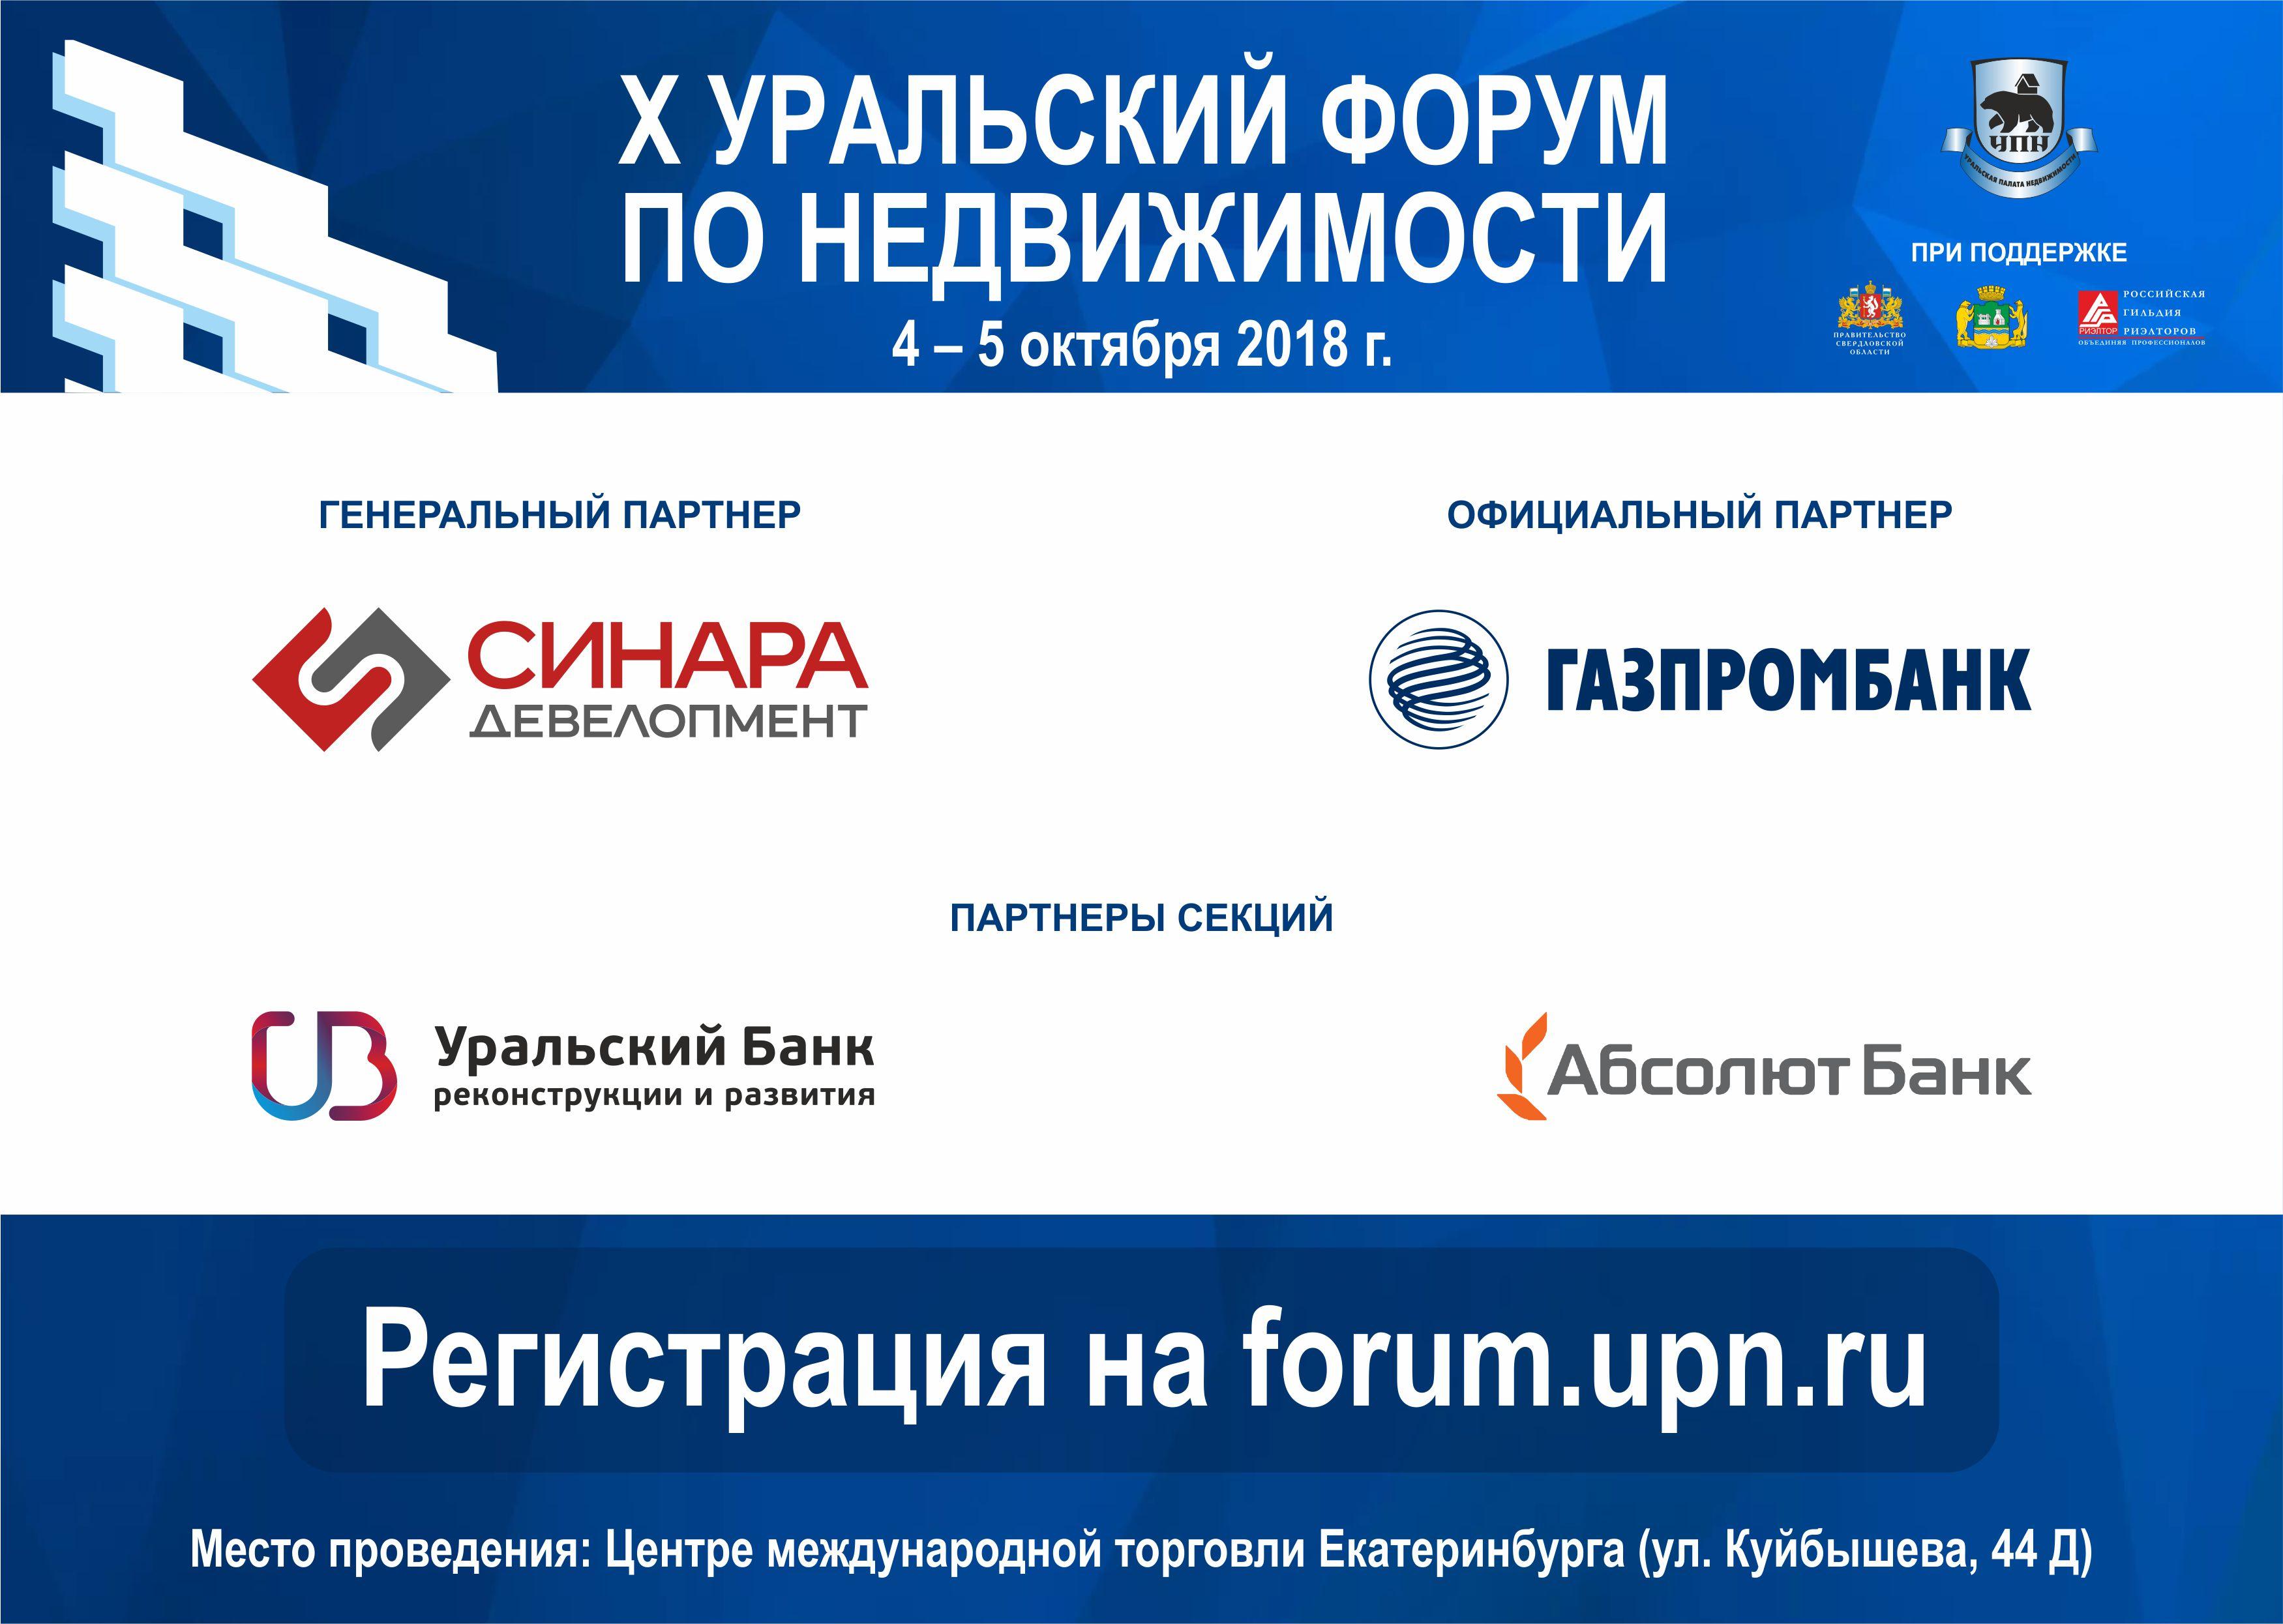 В Екатеринбурге пройдет юбилейный X Уральский форум по недвижимости